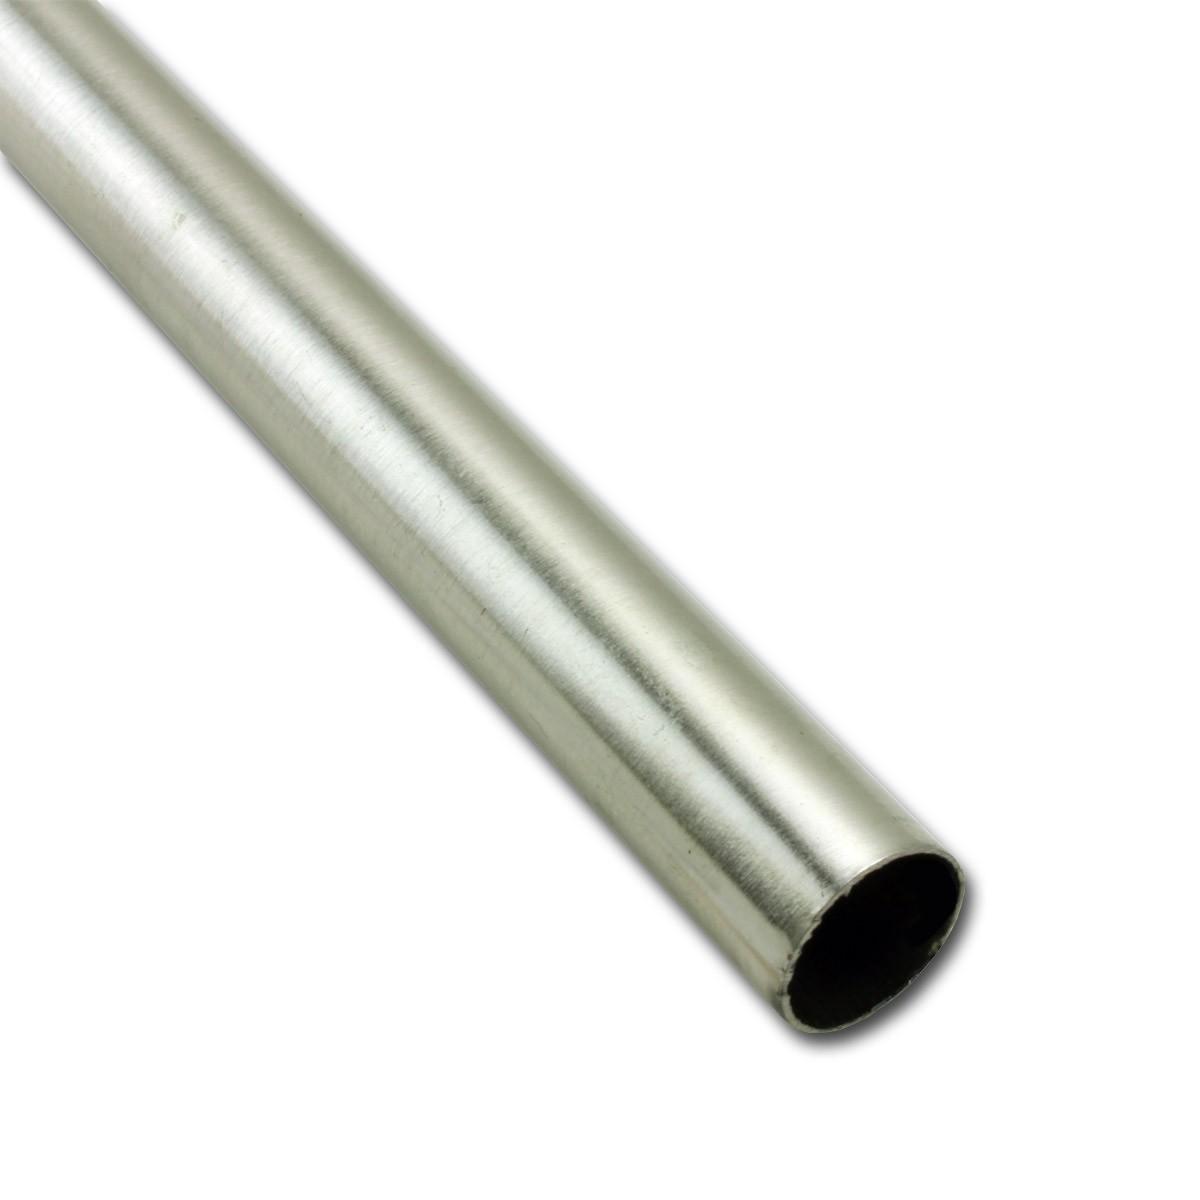 Brushed Satin Nickel Carpet Rod Carpet Runner Rod Brass Runner Rod Stair Runner Rods